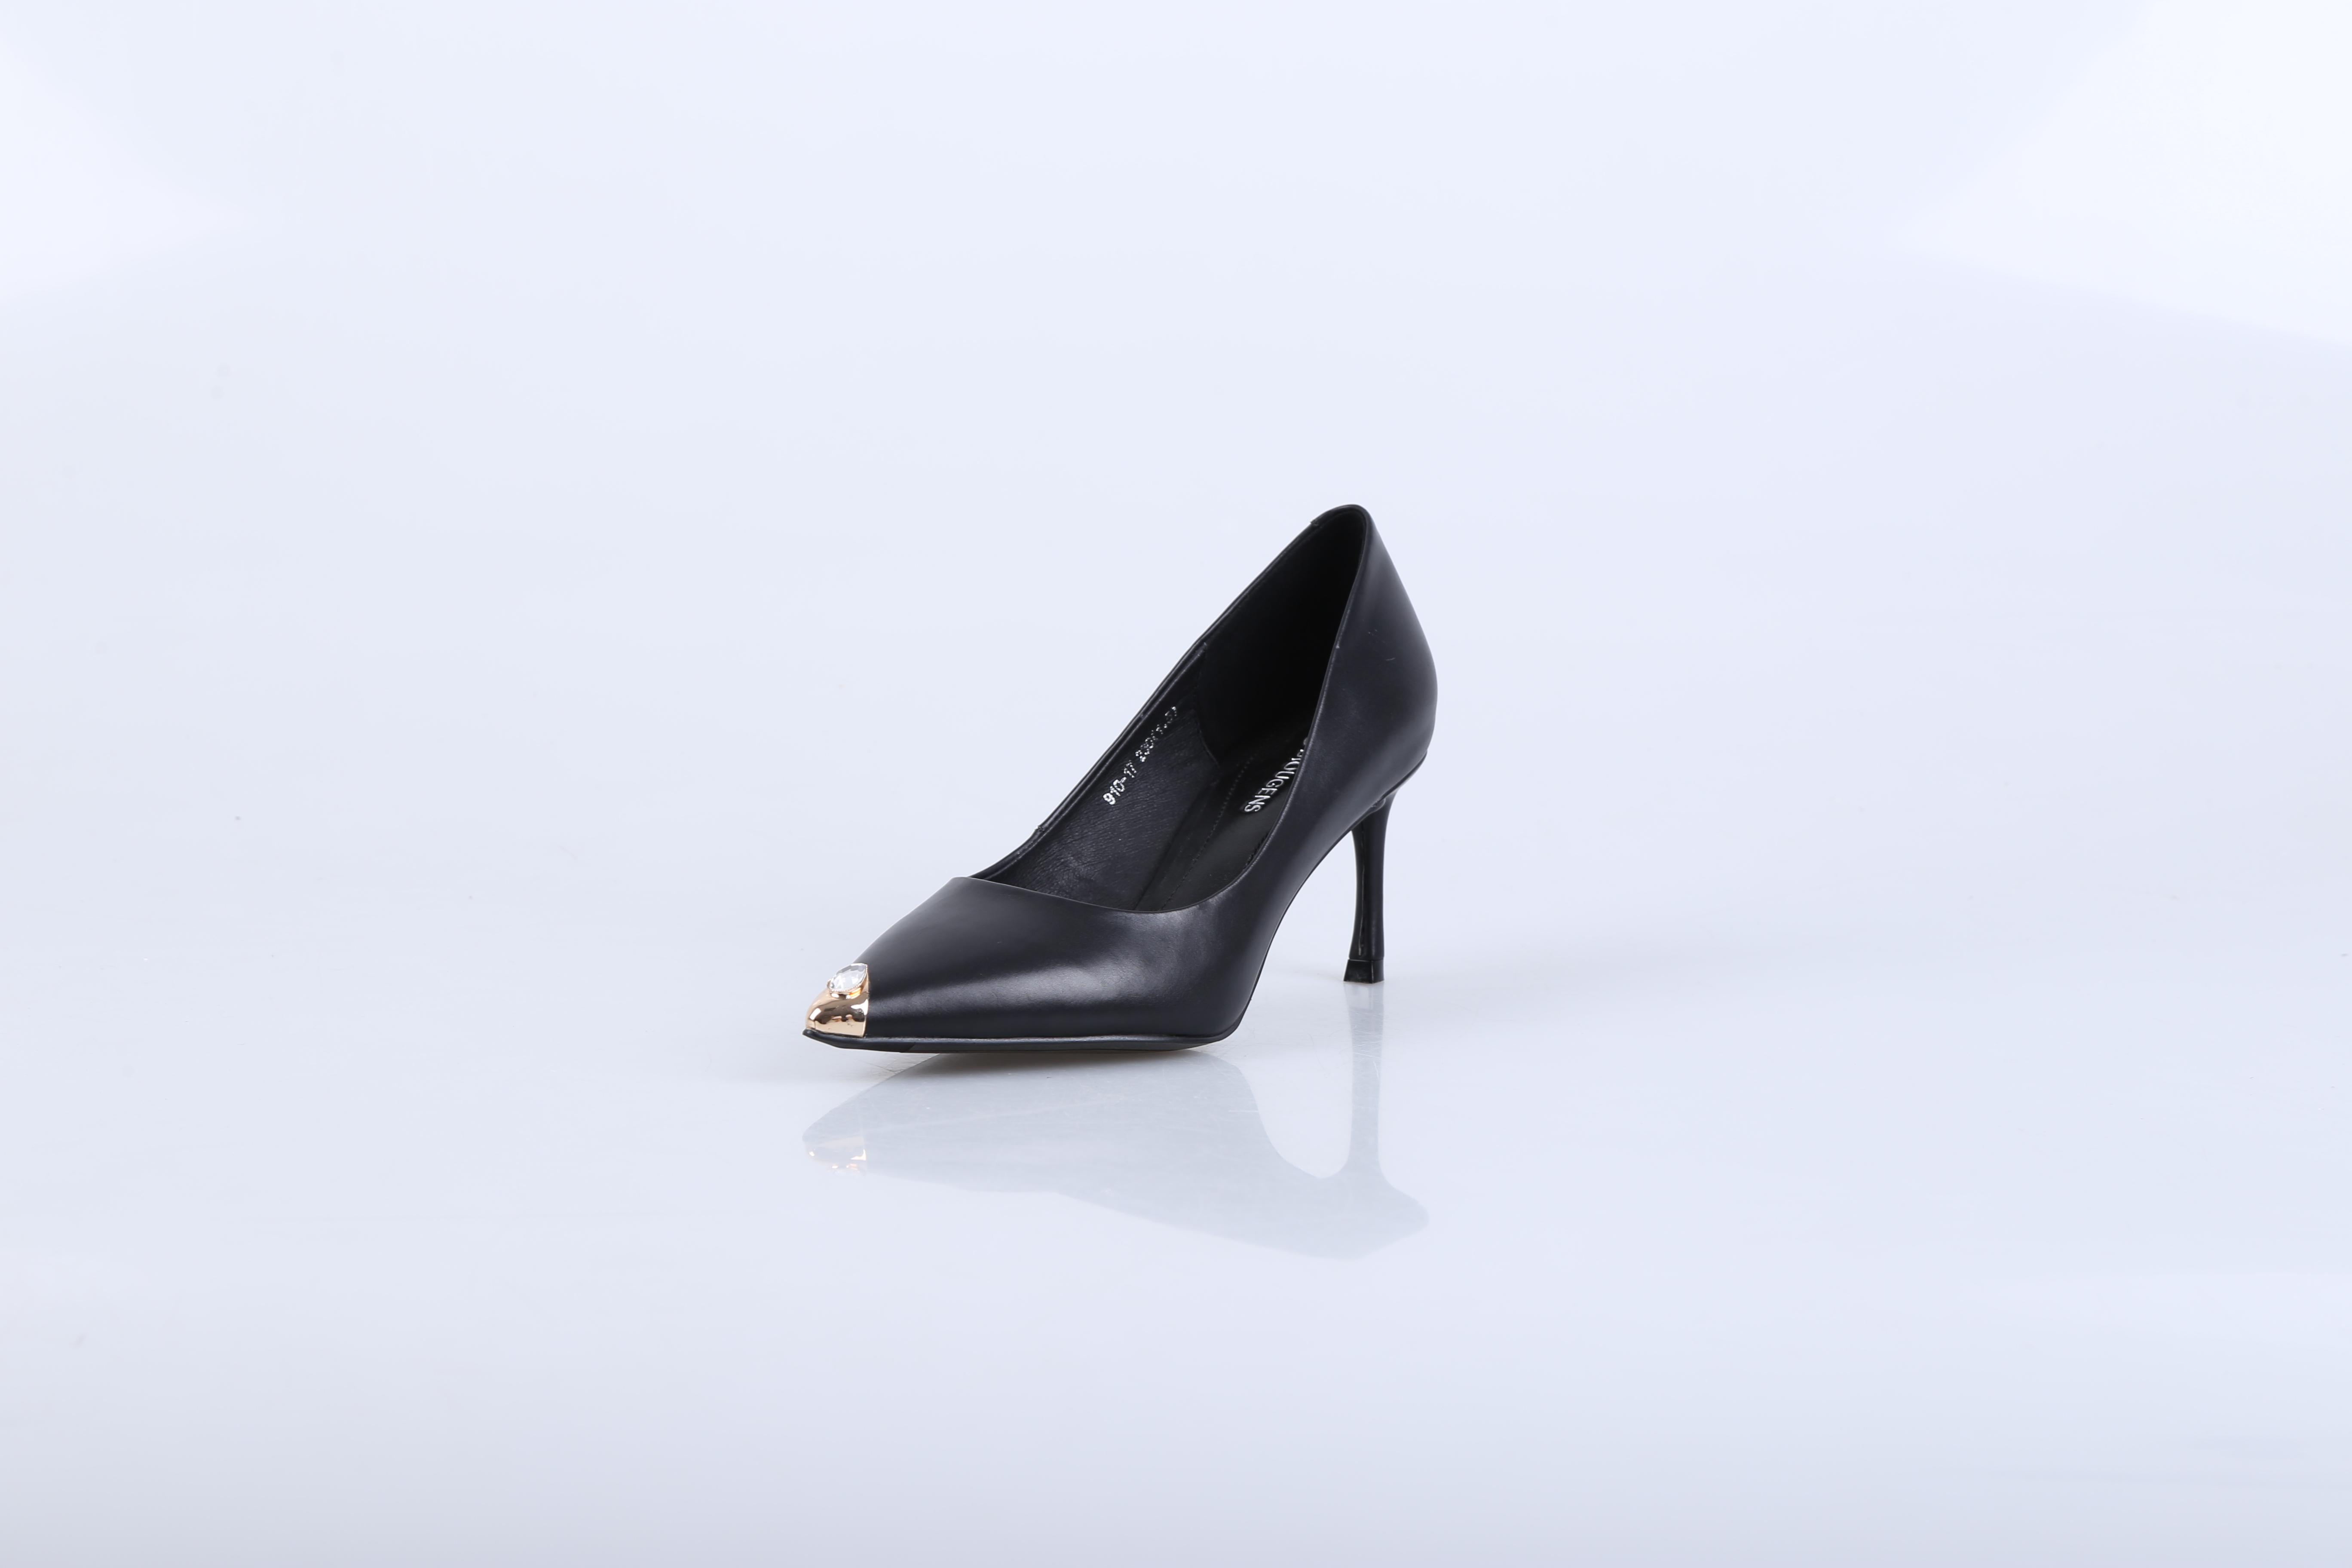 广东十大女鞋品牌,迪欧摩尼用特色款式、实用功能吸引众目